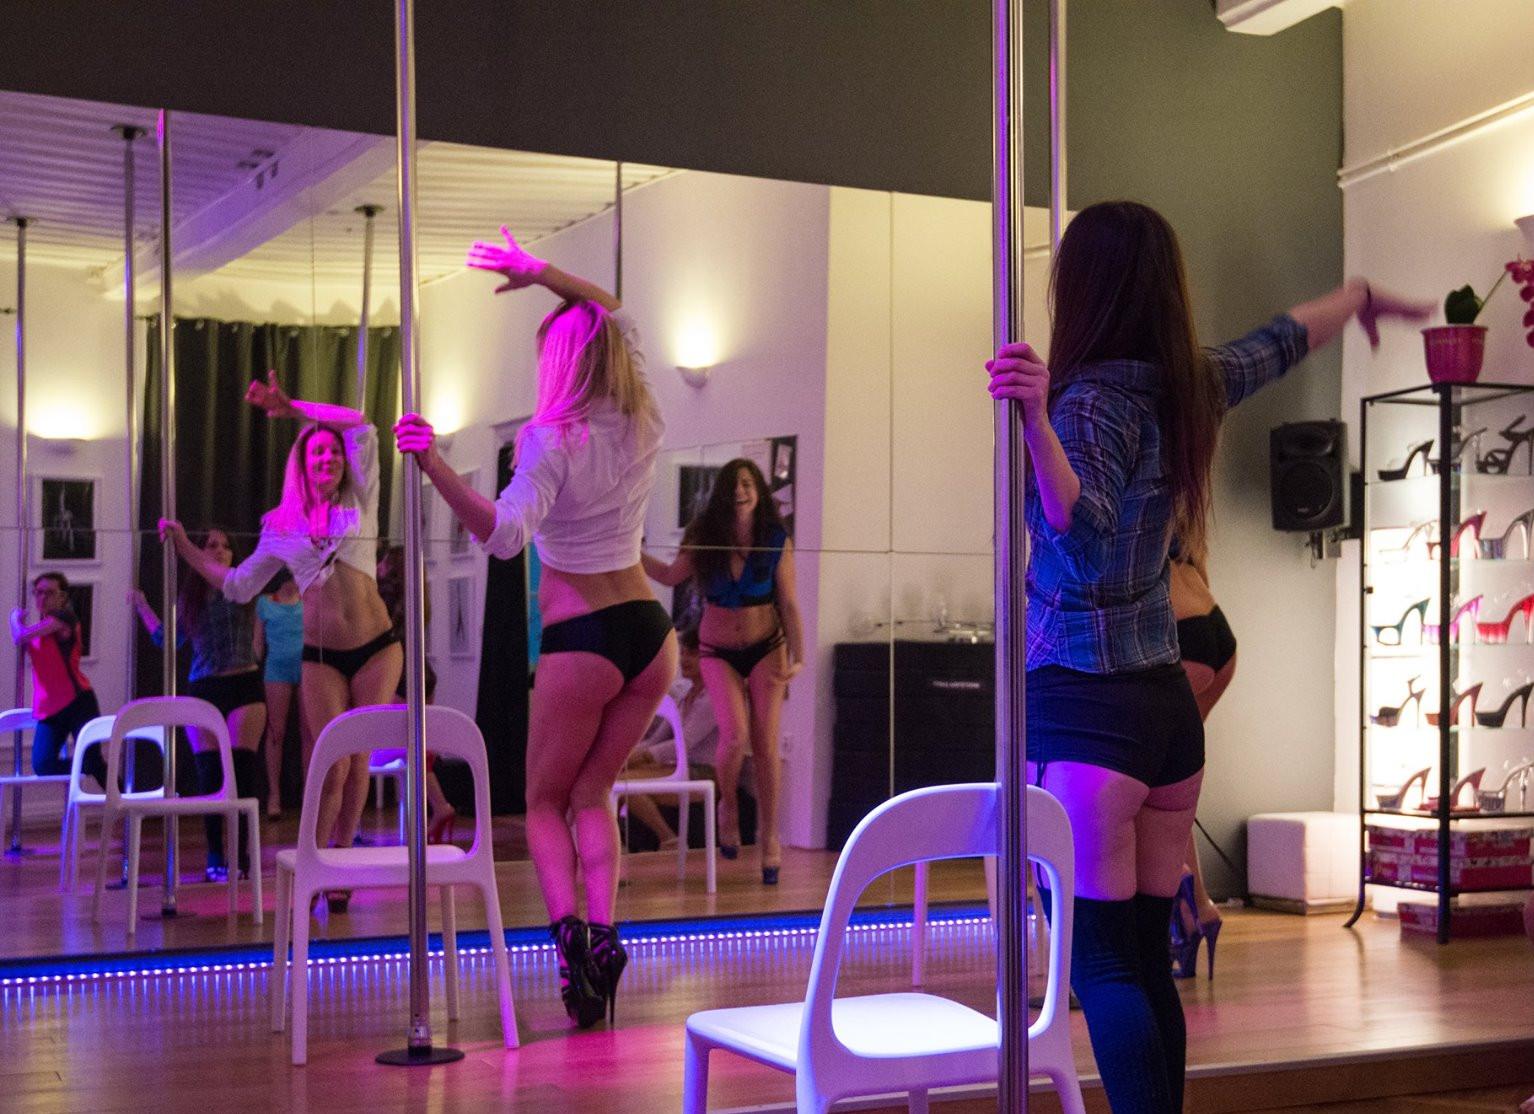 Bien-aimé Cours de Pole Dance Clermont Ferrand - Riom - Auvergne | EVJF  VX36